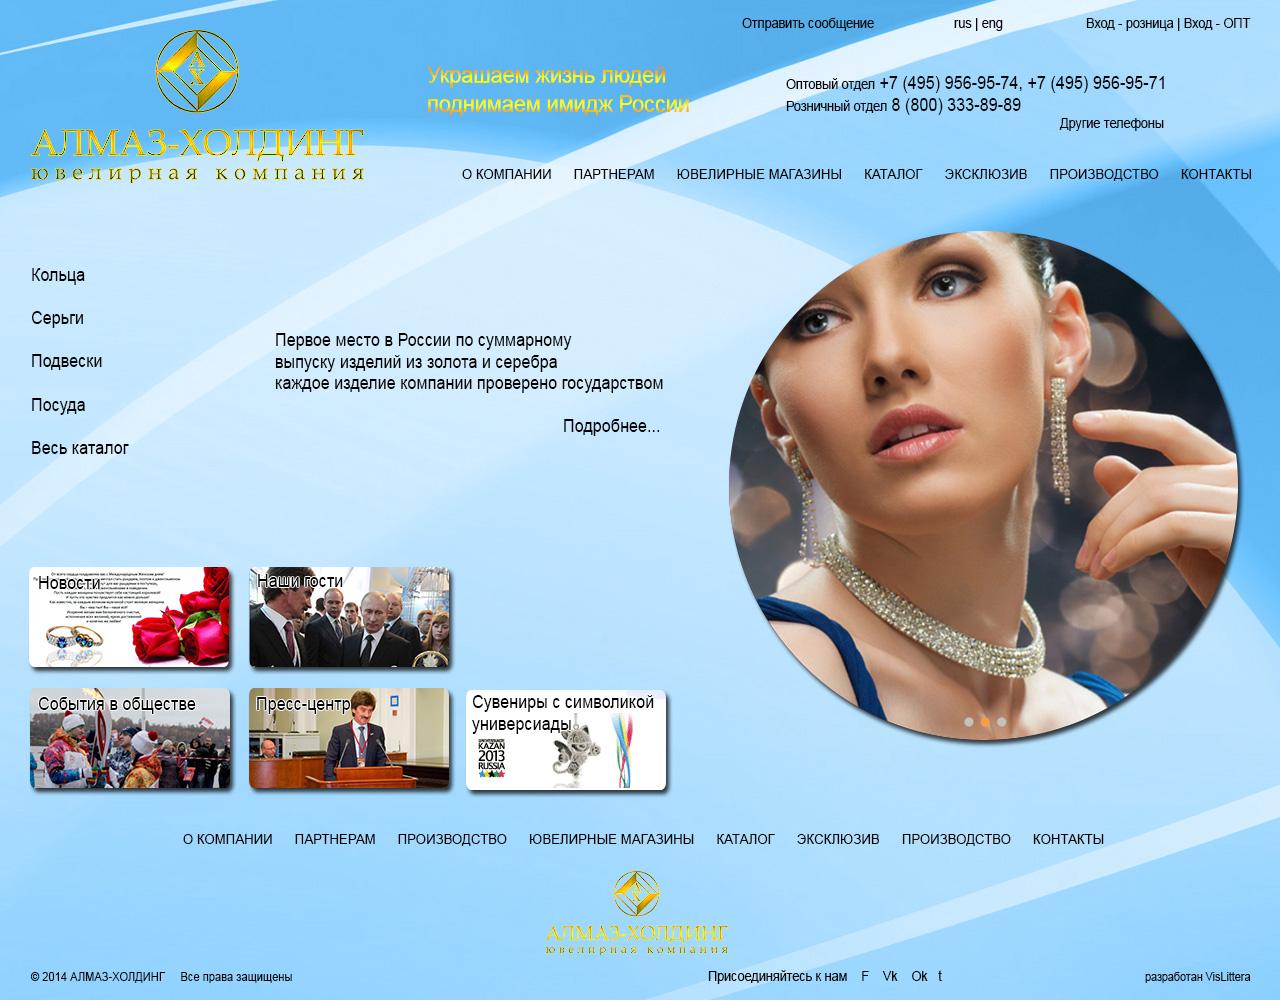 Дизайн сайта для ювелирной компании Алмаз-Холдинг фото f_326531e1d3c96788.jpg